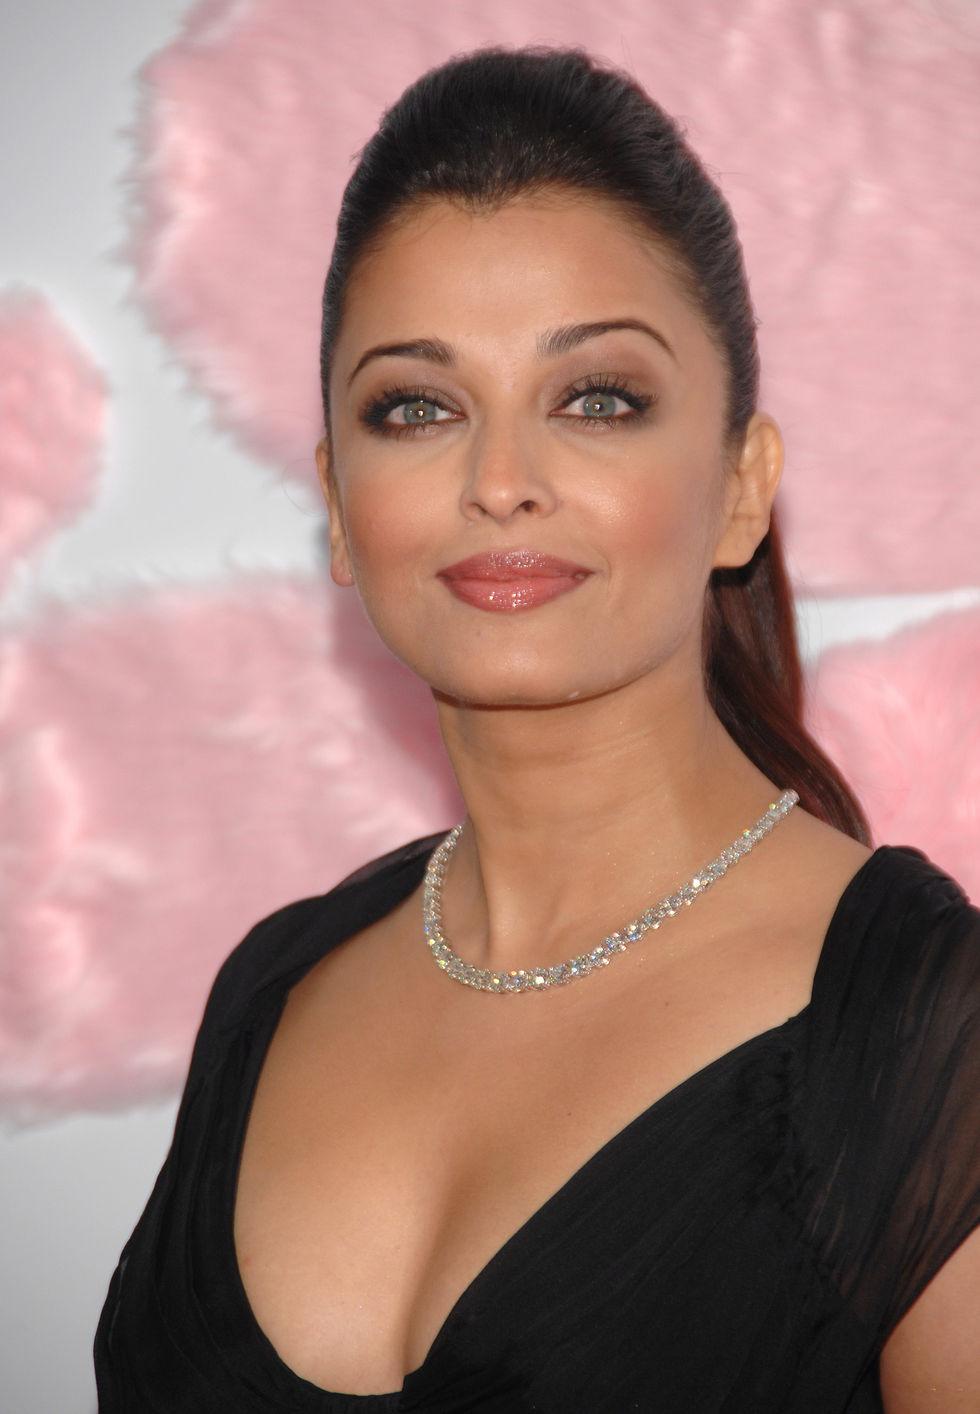 3840x2160 Aishwarya Rai In Pink Panther 2 4k Wallpaper Hd